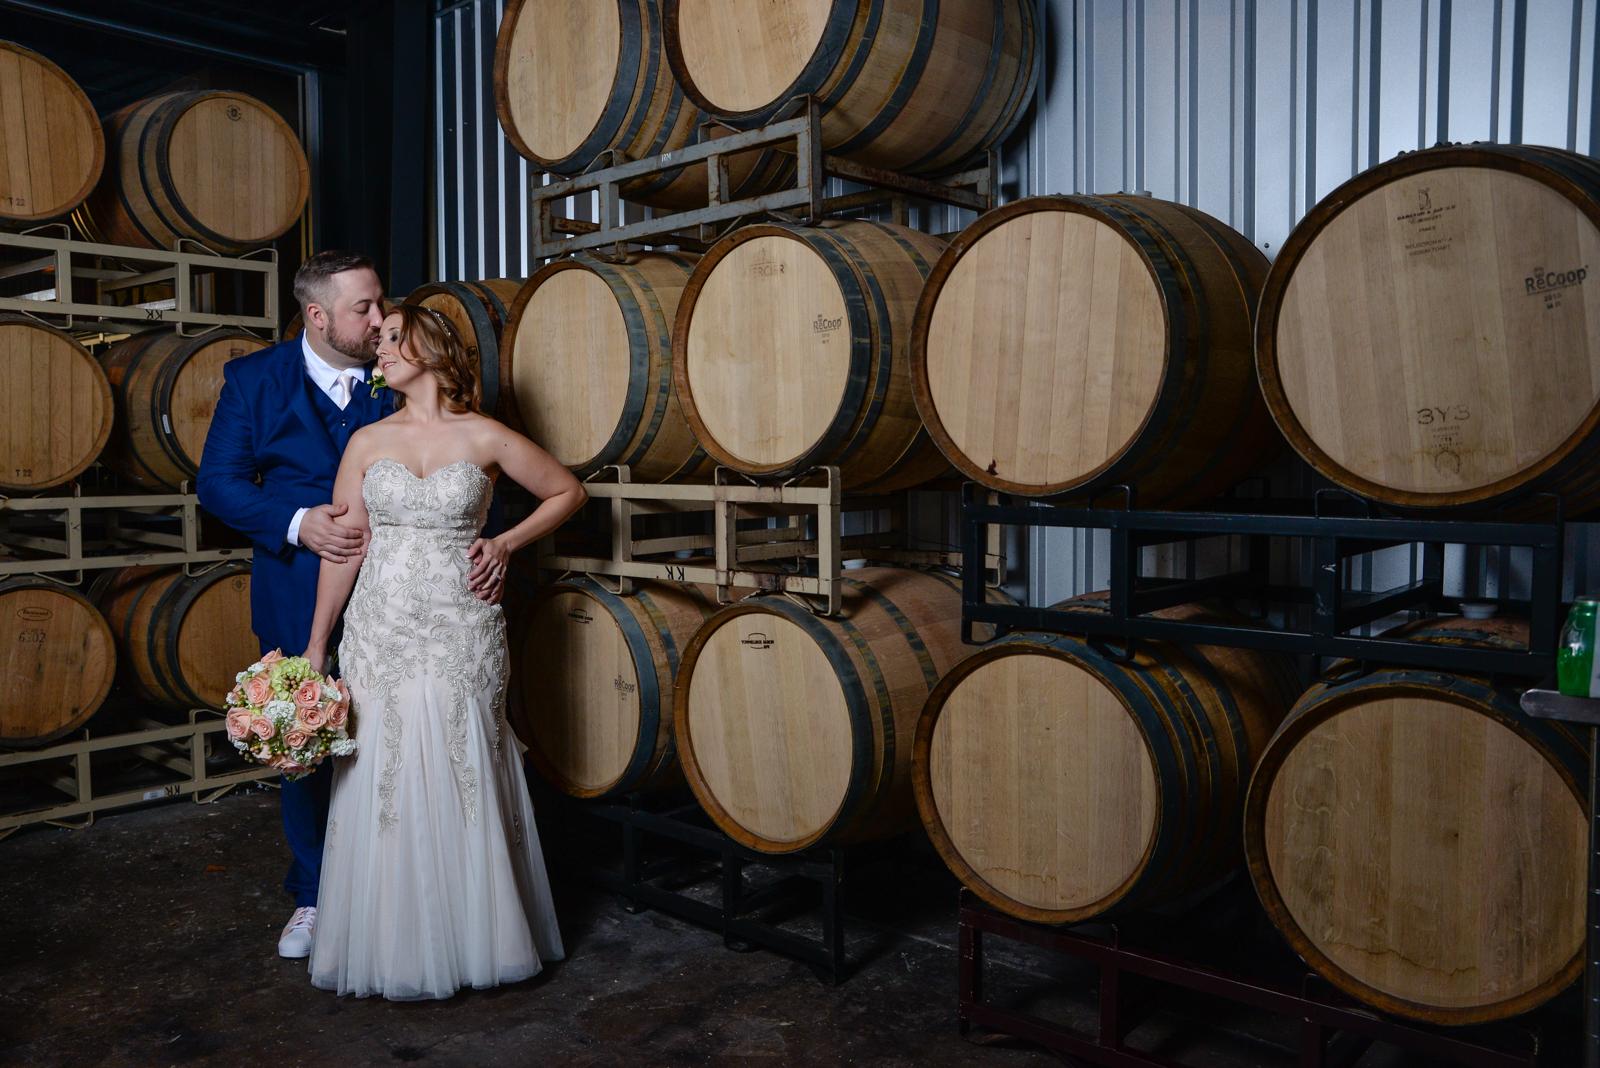 Stephanie Ray Wedding PhotographyDSC_7531.jpg